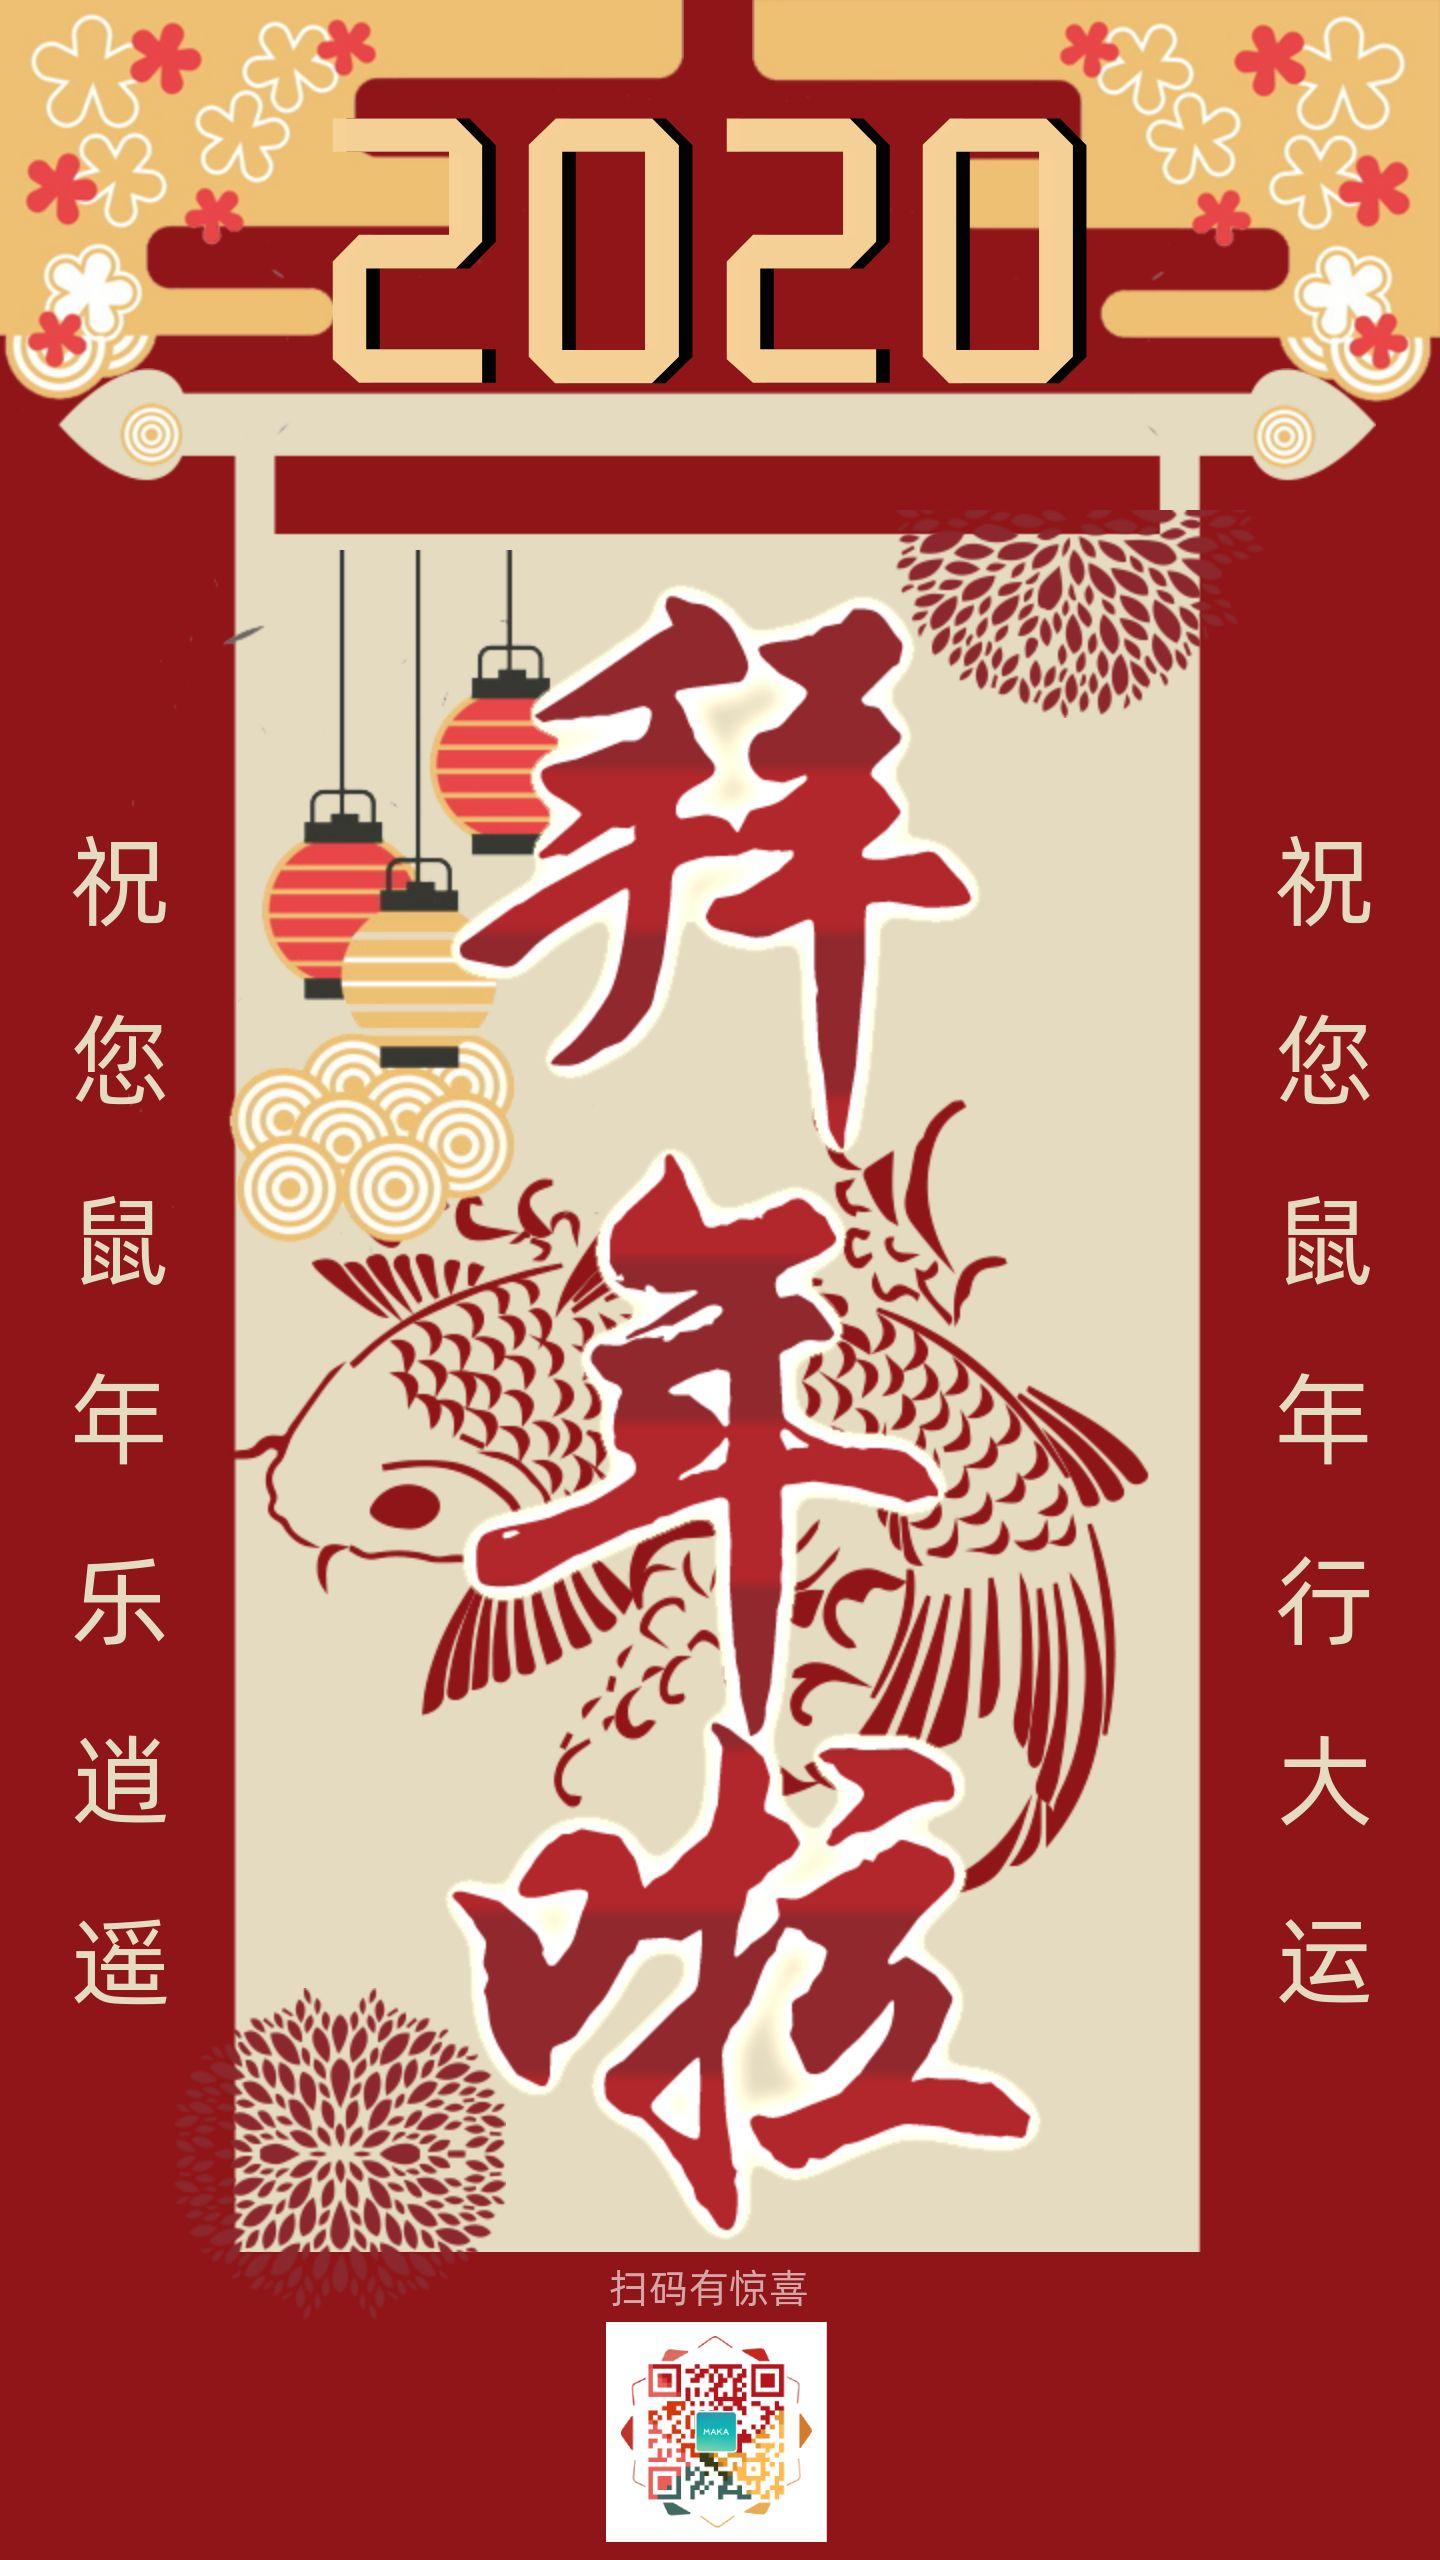 2020中国风商业或个人新春拜年海报